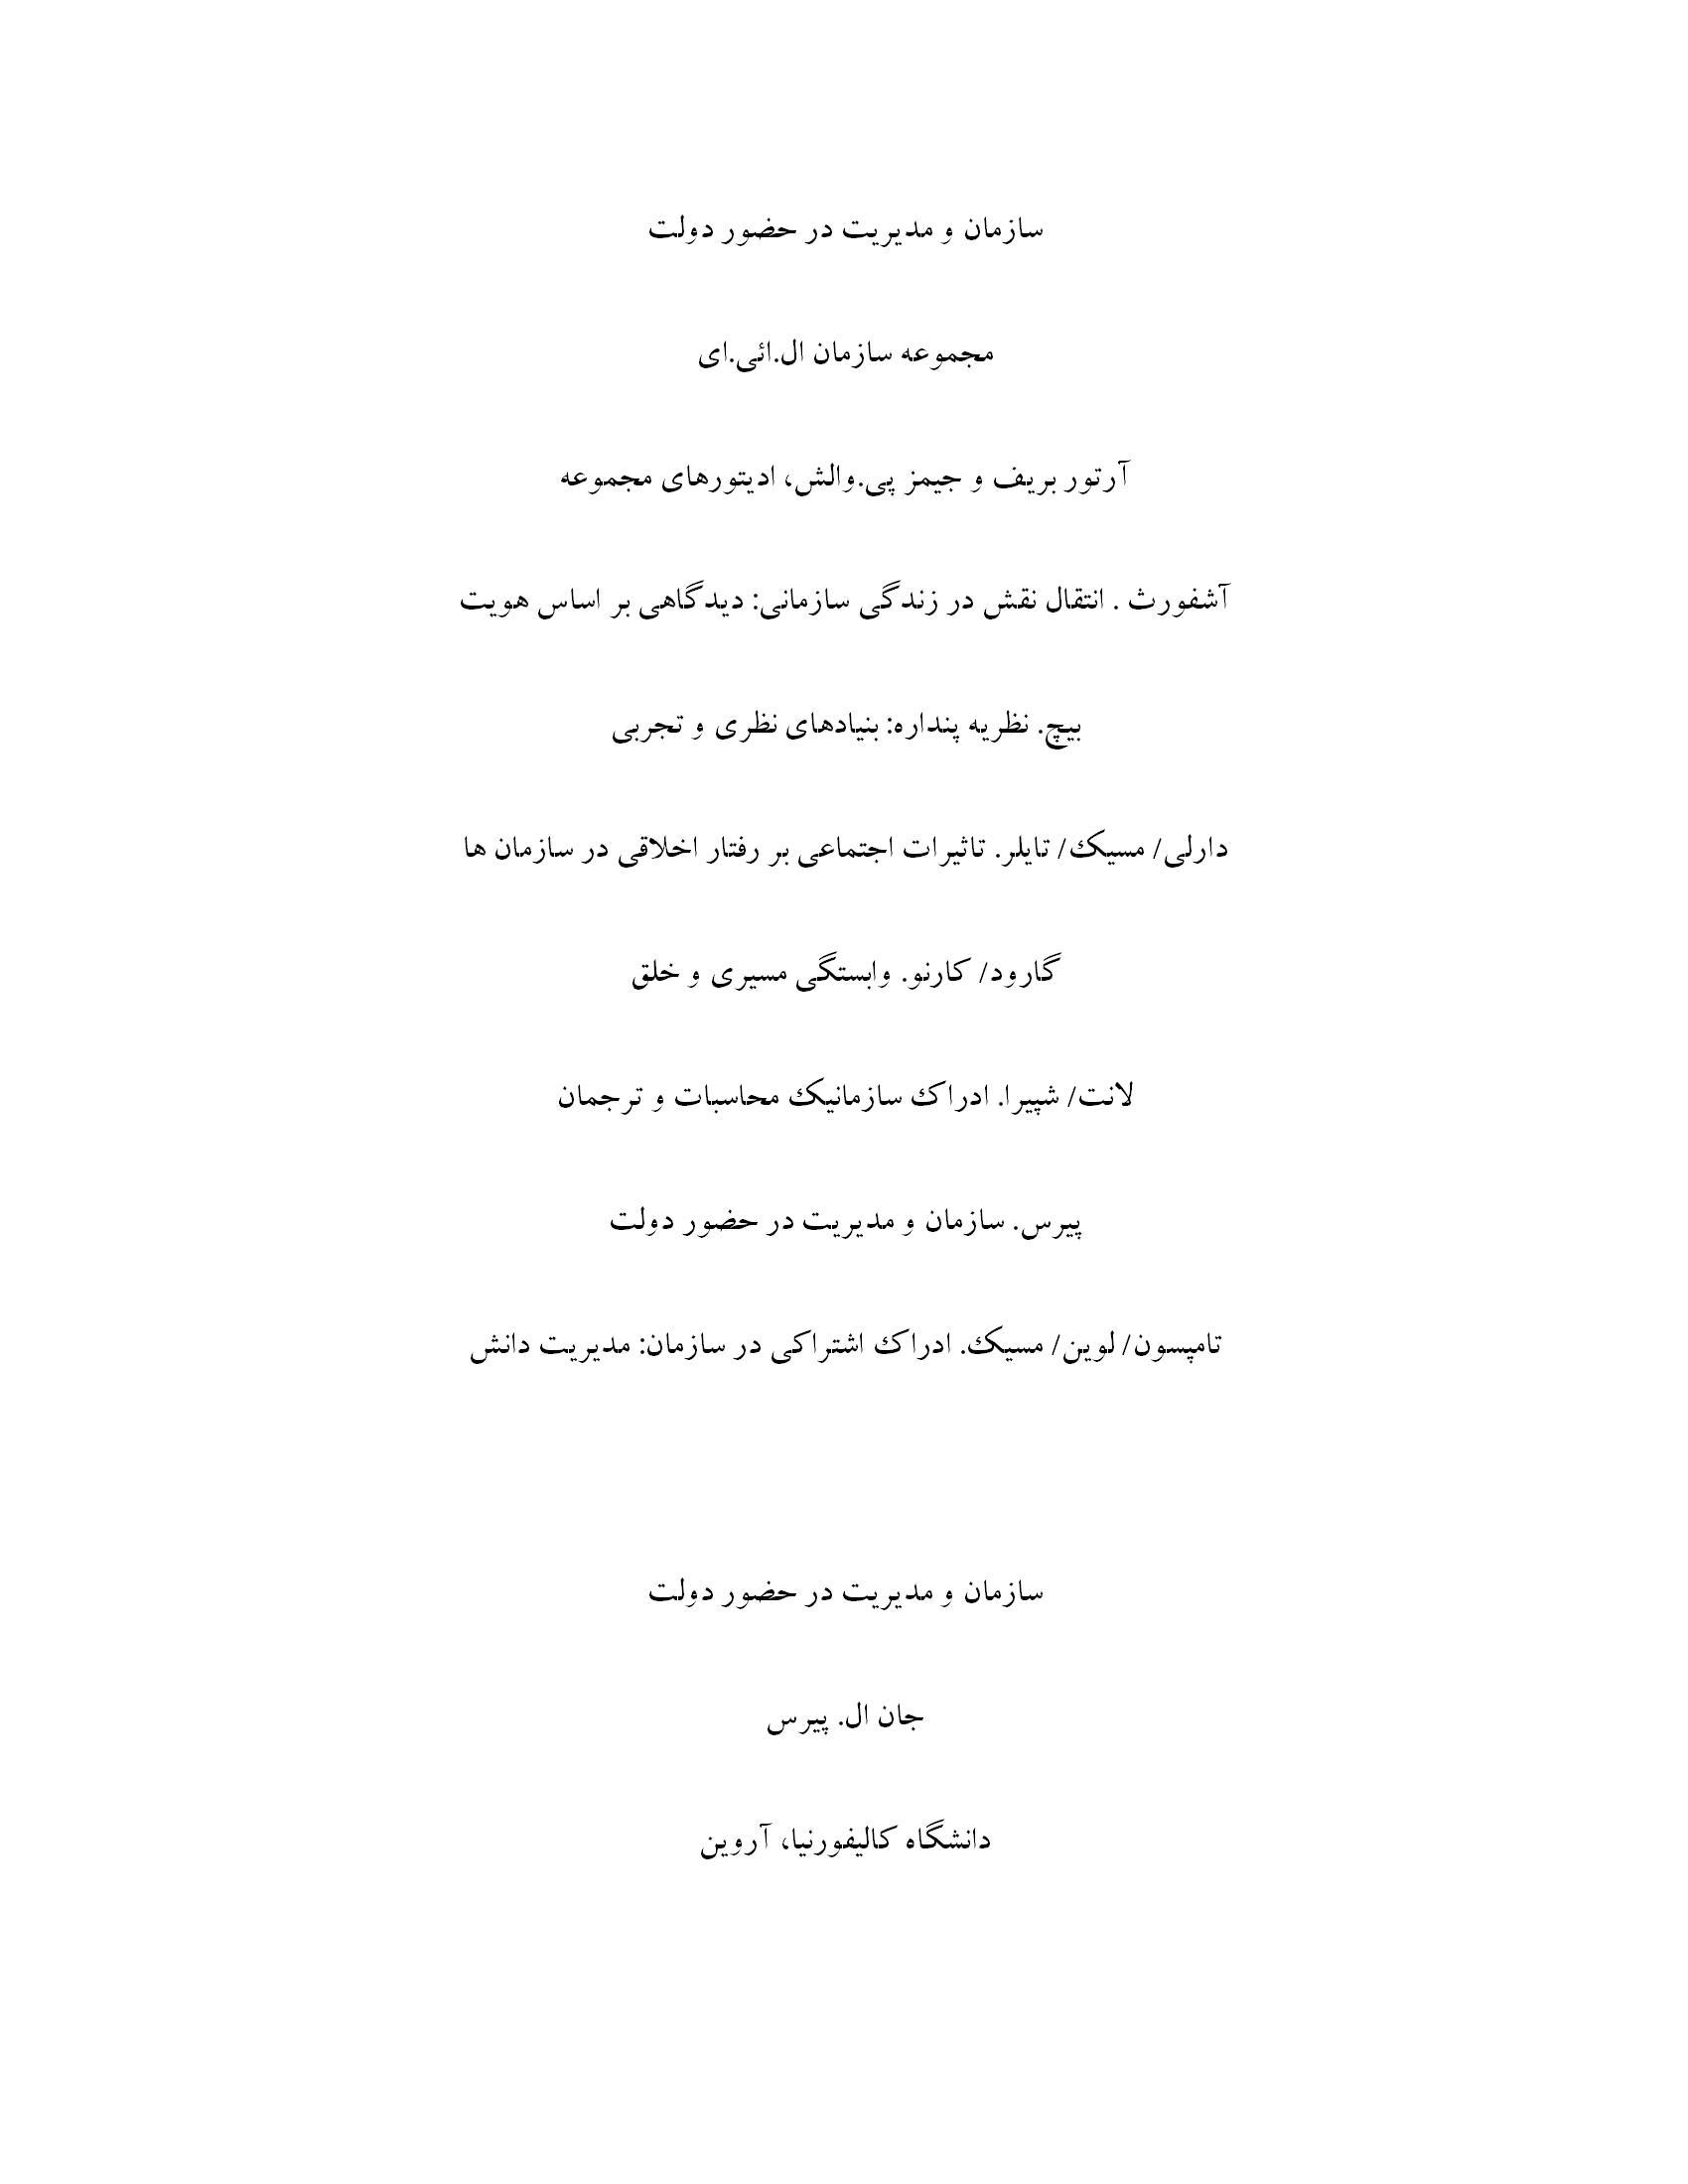 ترجمه مقاله و تحقیق - سازمان و مدیریت در حضور دولت 53